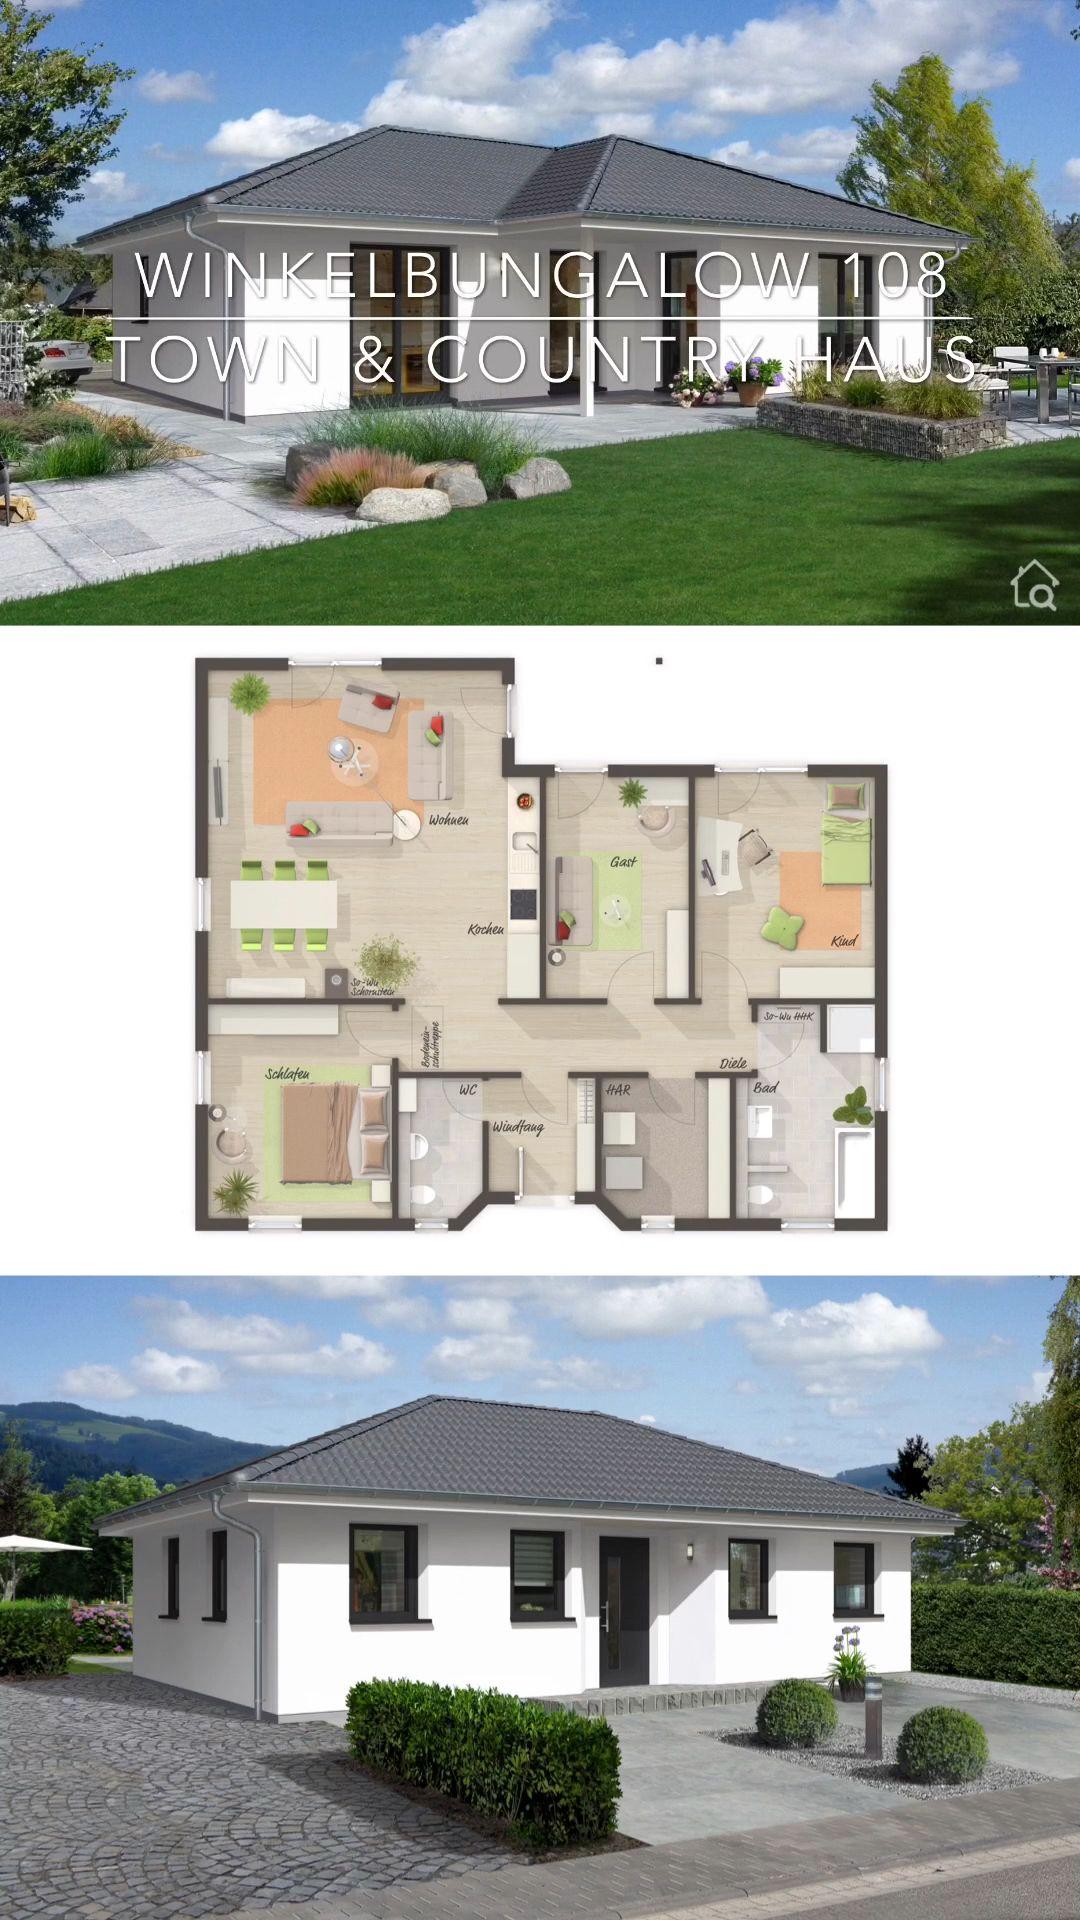 Photo of Massivhaus Bungalow weiß modern mit Walmdach, Winkelbungalow Grundriss mit Haus Fassade